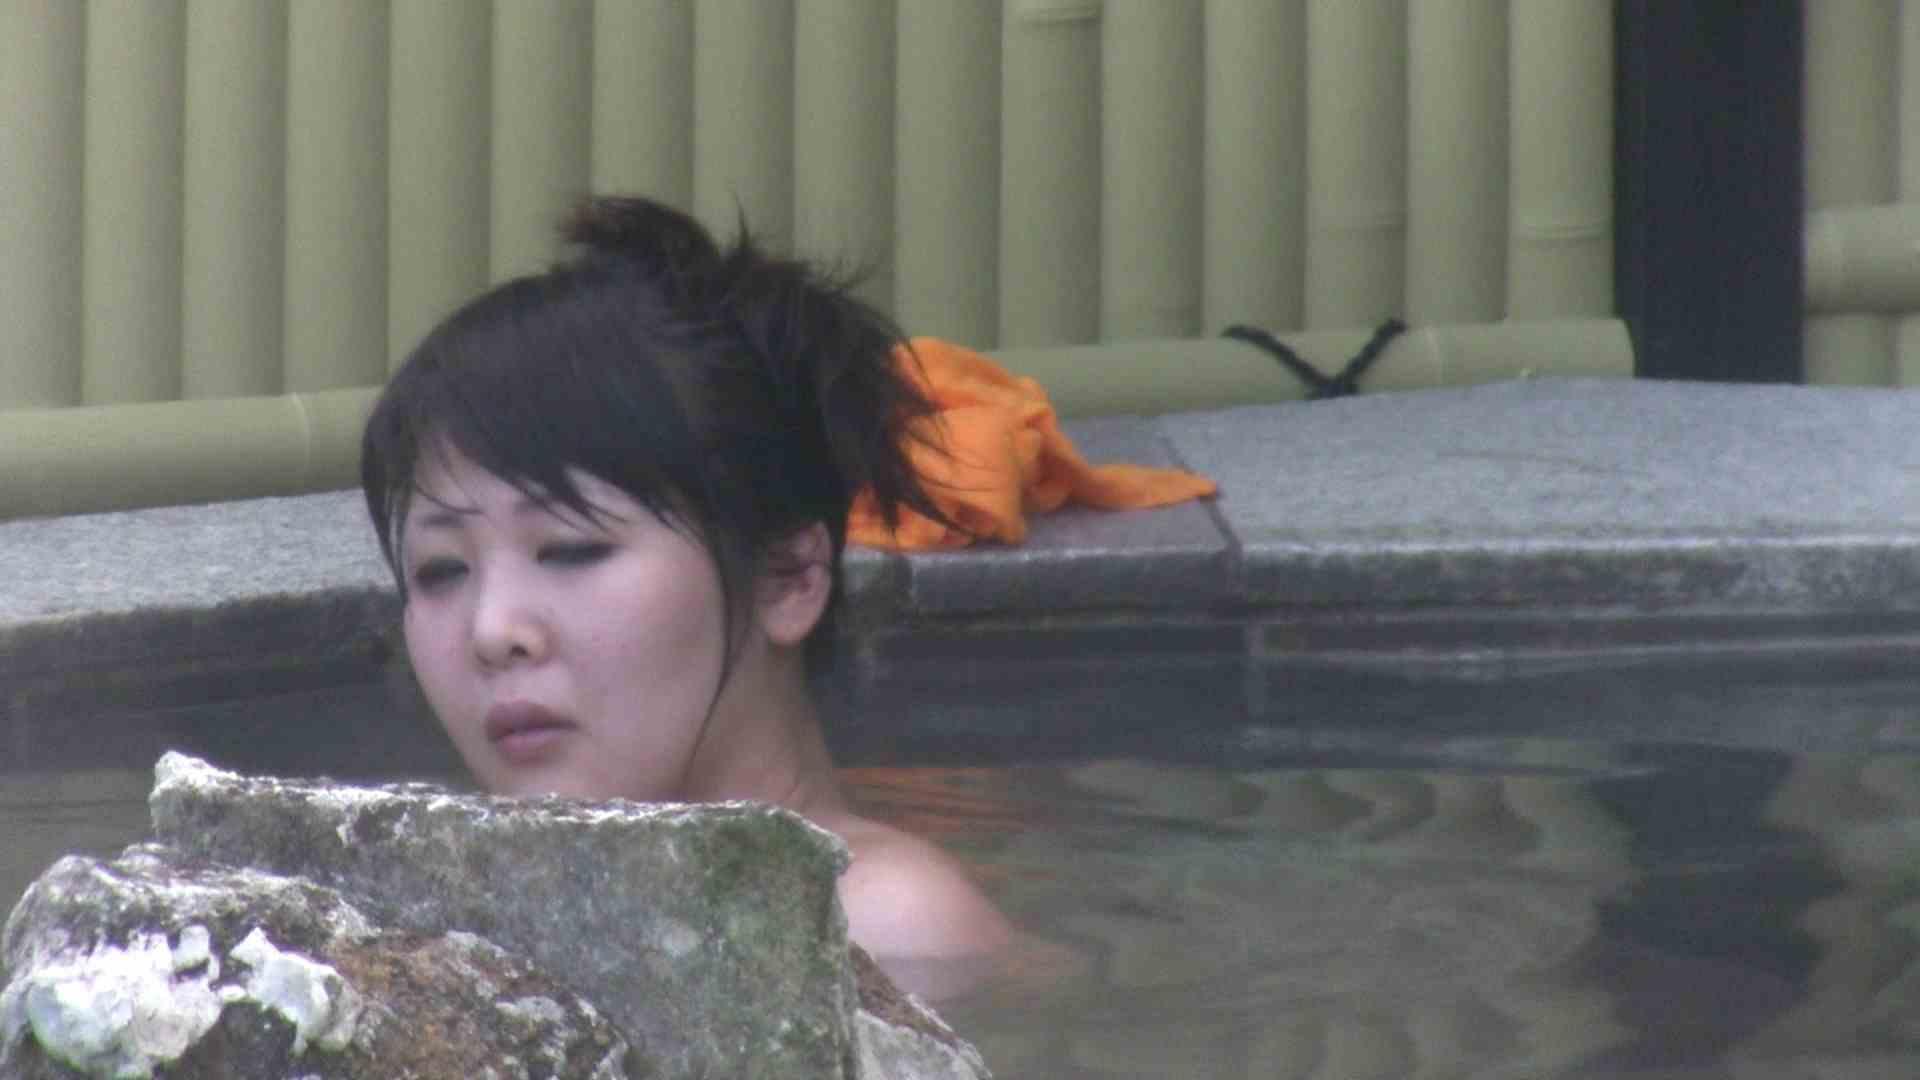 Aquaな露天風呂Vol.118 0   0  84pic 55